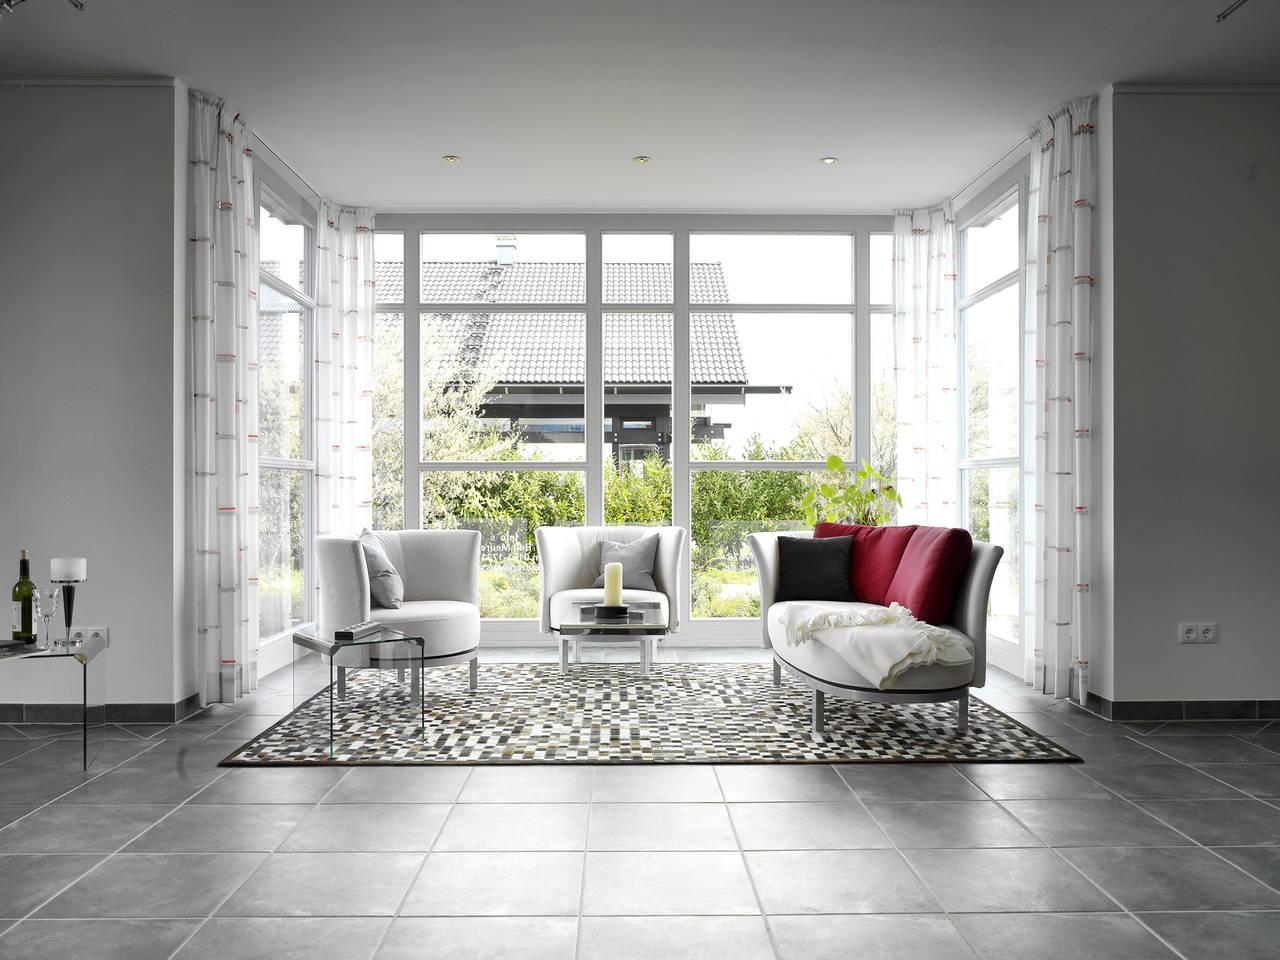 Musterhaus Evita von Gussek Haus - Wohnzimmer Ansicht 1